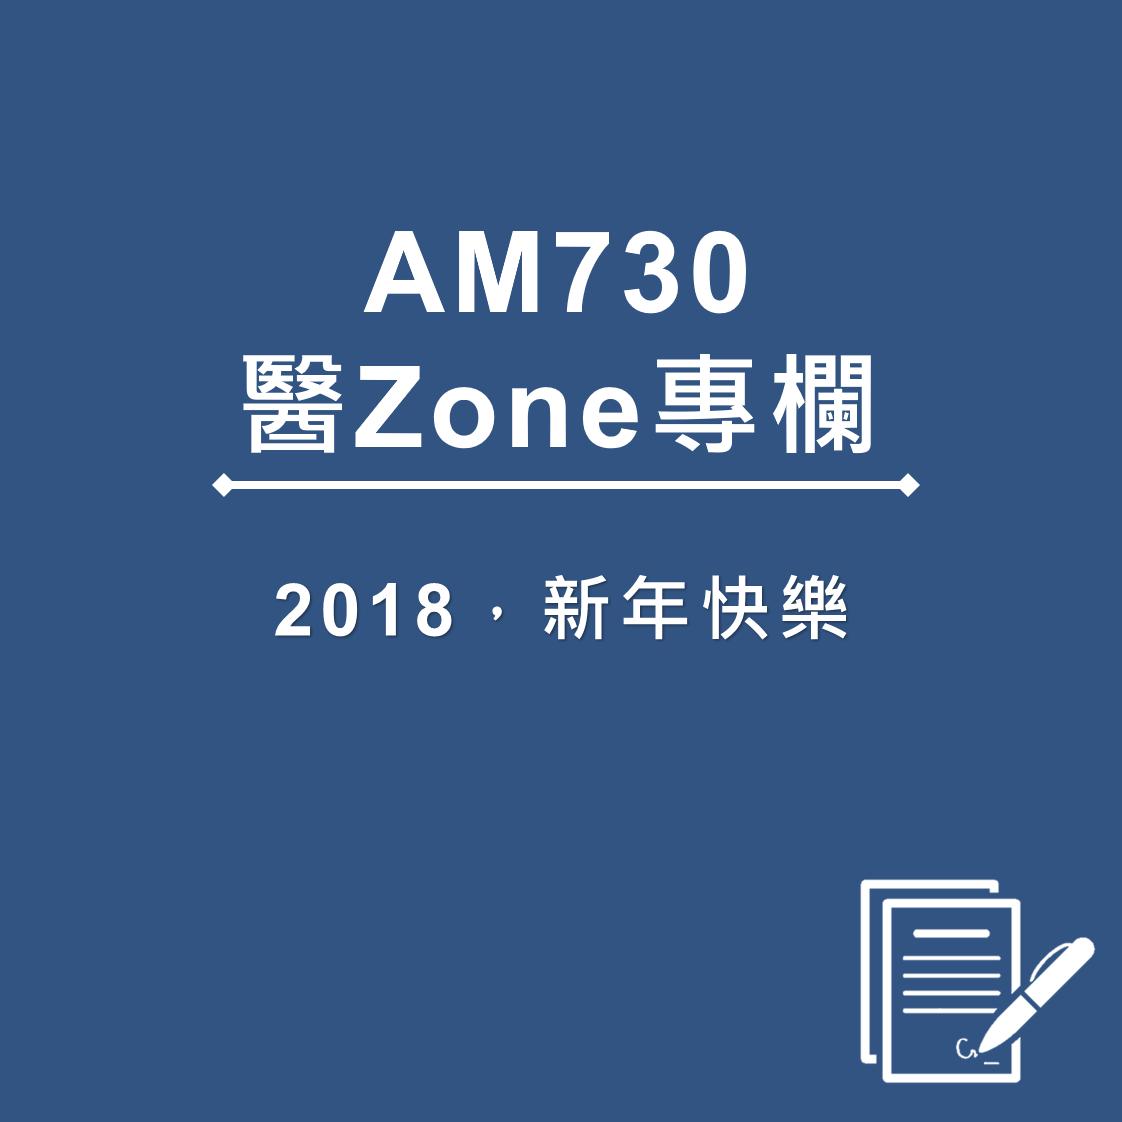 AM730 醫Zone 專欄 - 2018,新年快樂